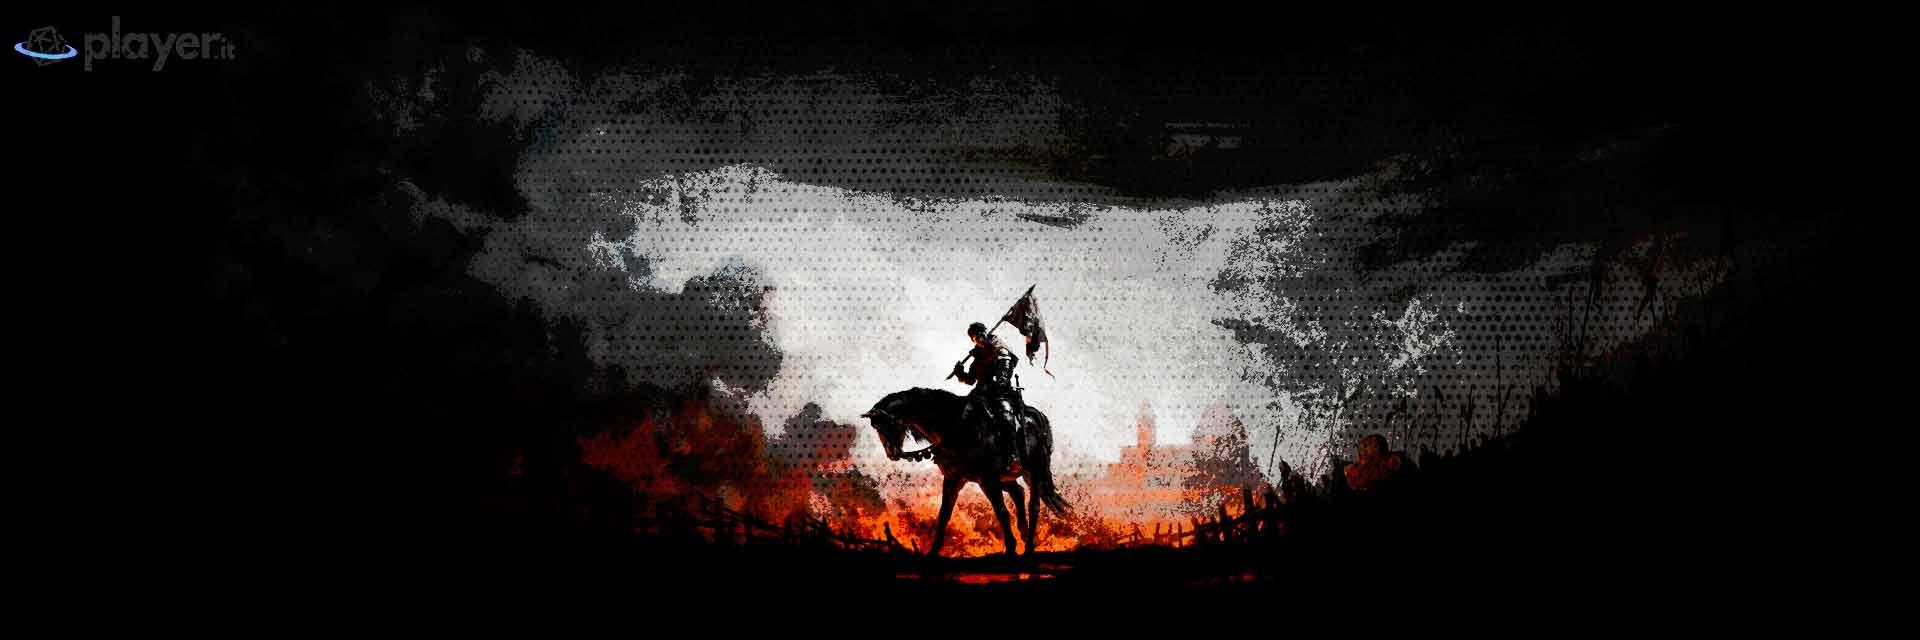 kingdom come deliverance wallpaper in hd